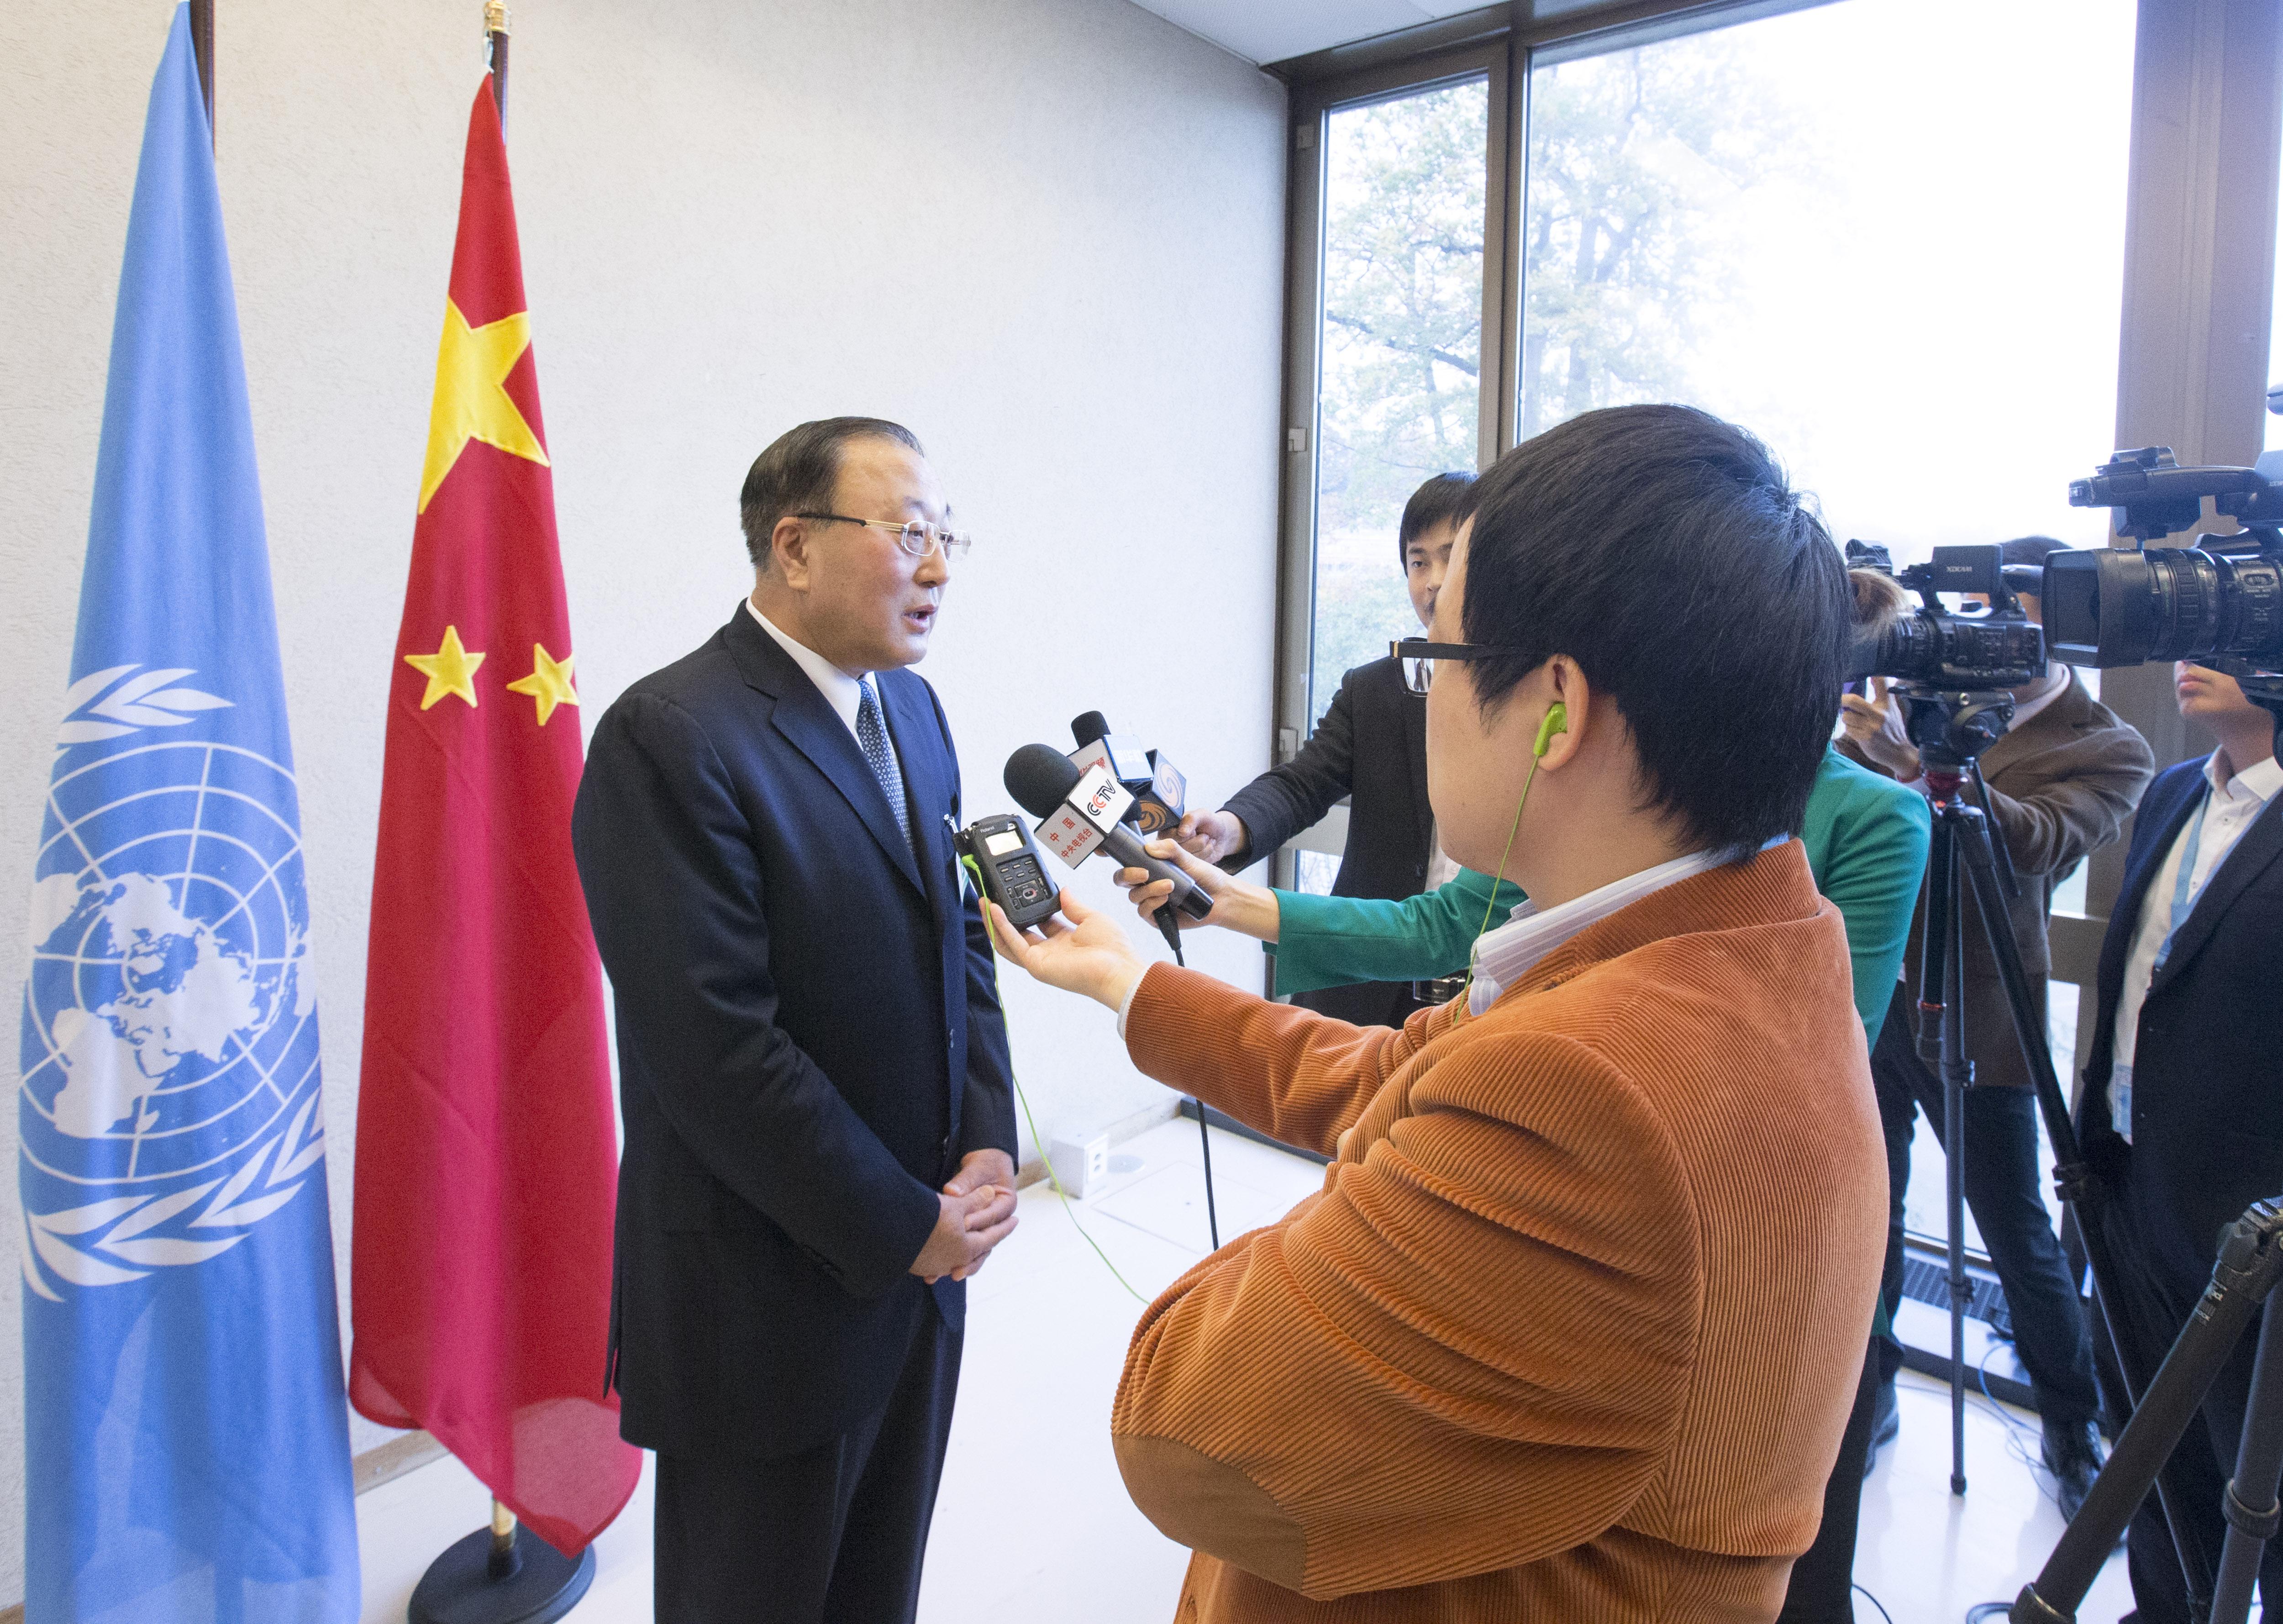 外交部部長助理張軍(左一)表示,G20不會且不允許討論香港問題。(新華社資料圖片)